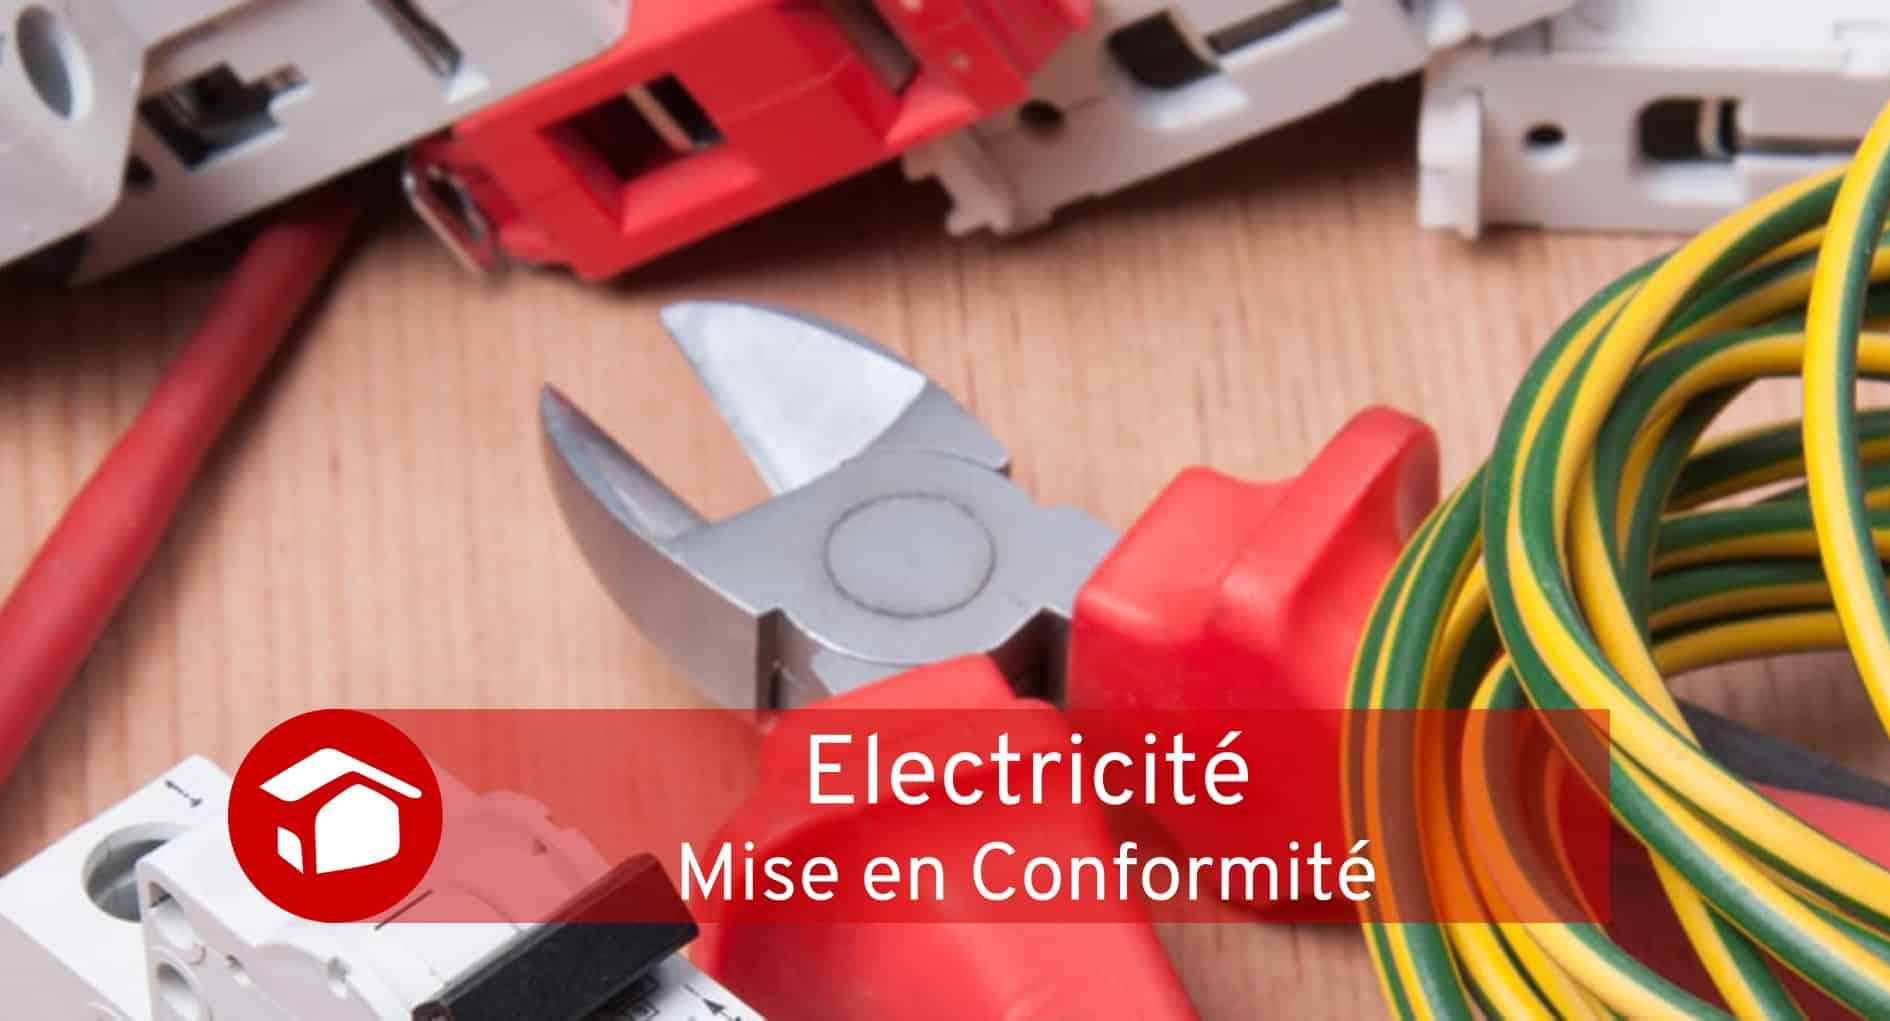 Electricité Courtier Travaux Meilleur Projet